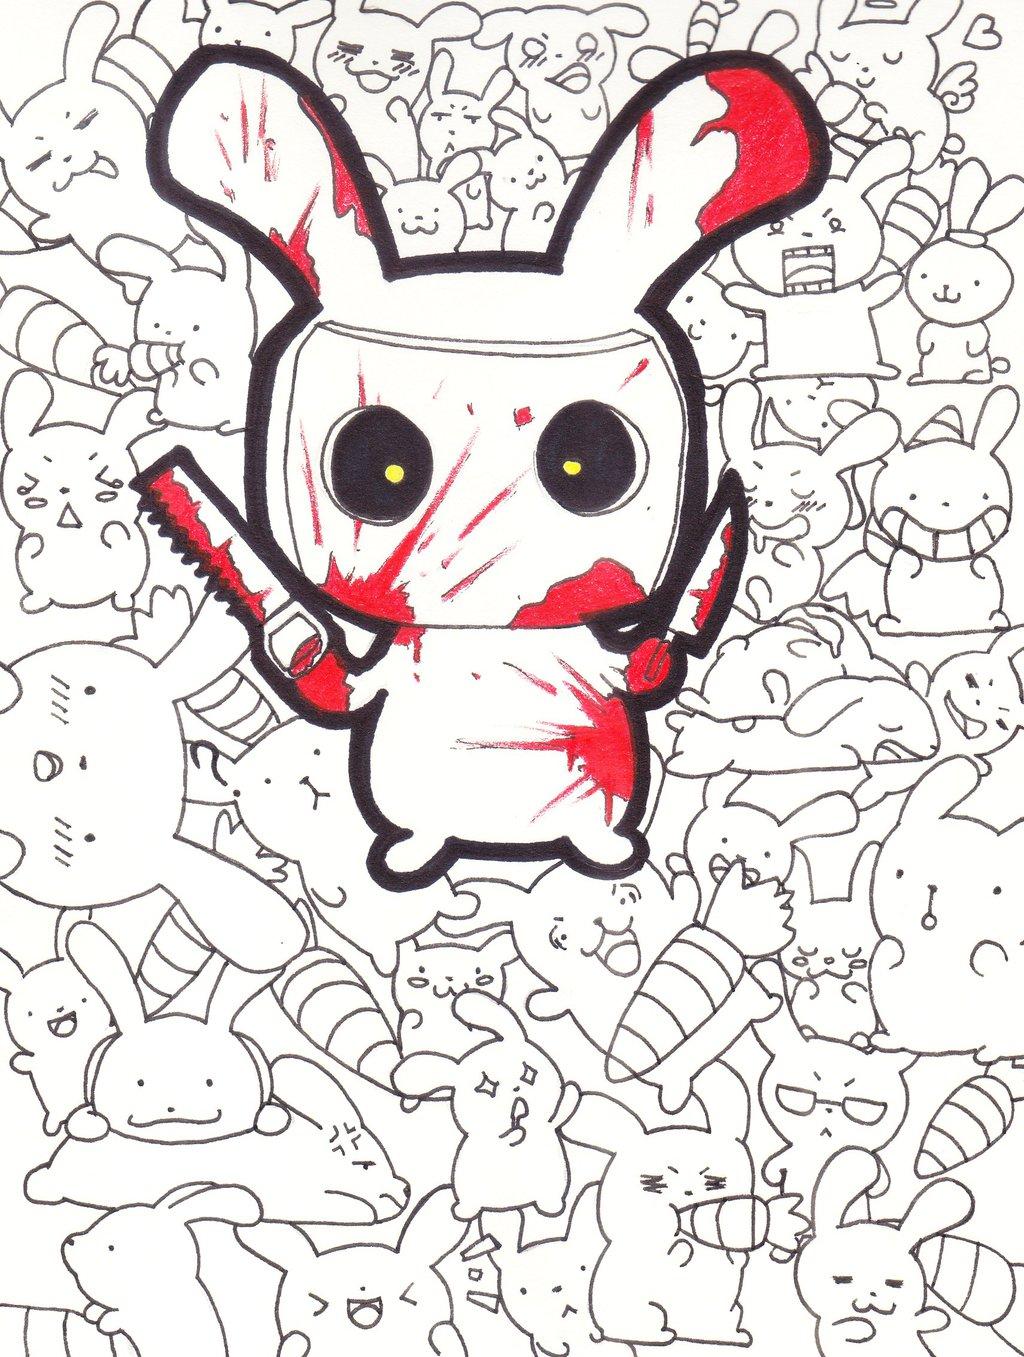 Drawn rabbit killer bunnies Bunny on Killer Chiblu by